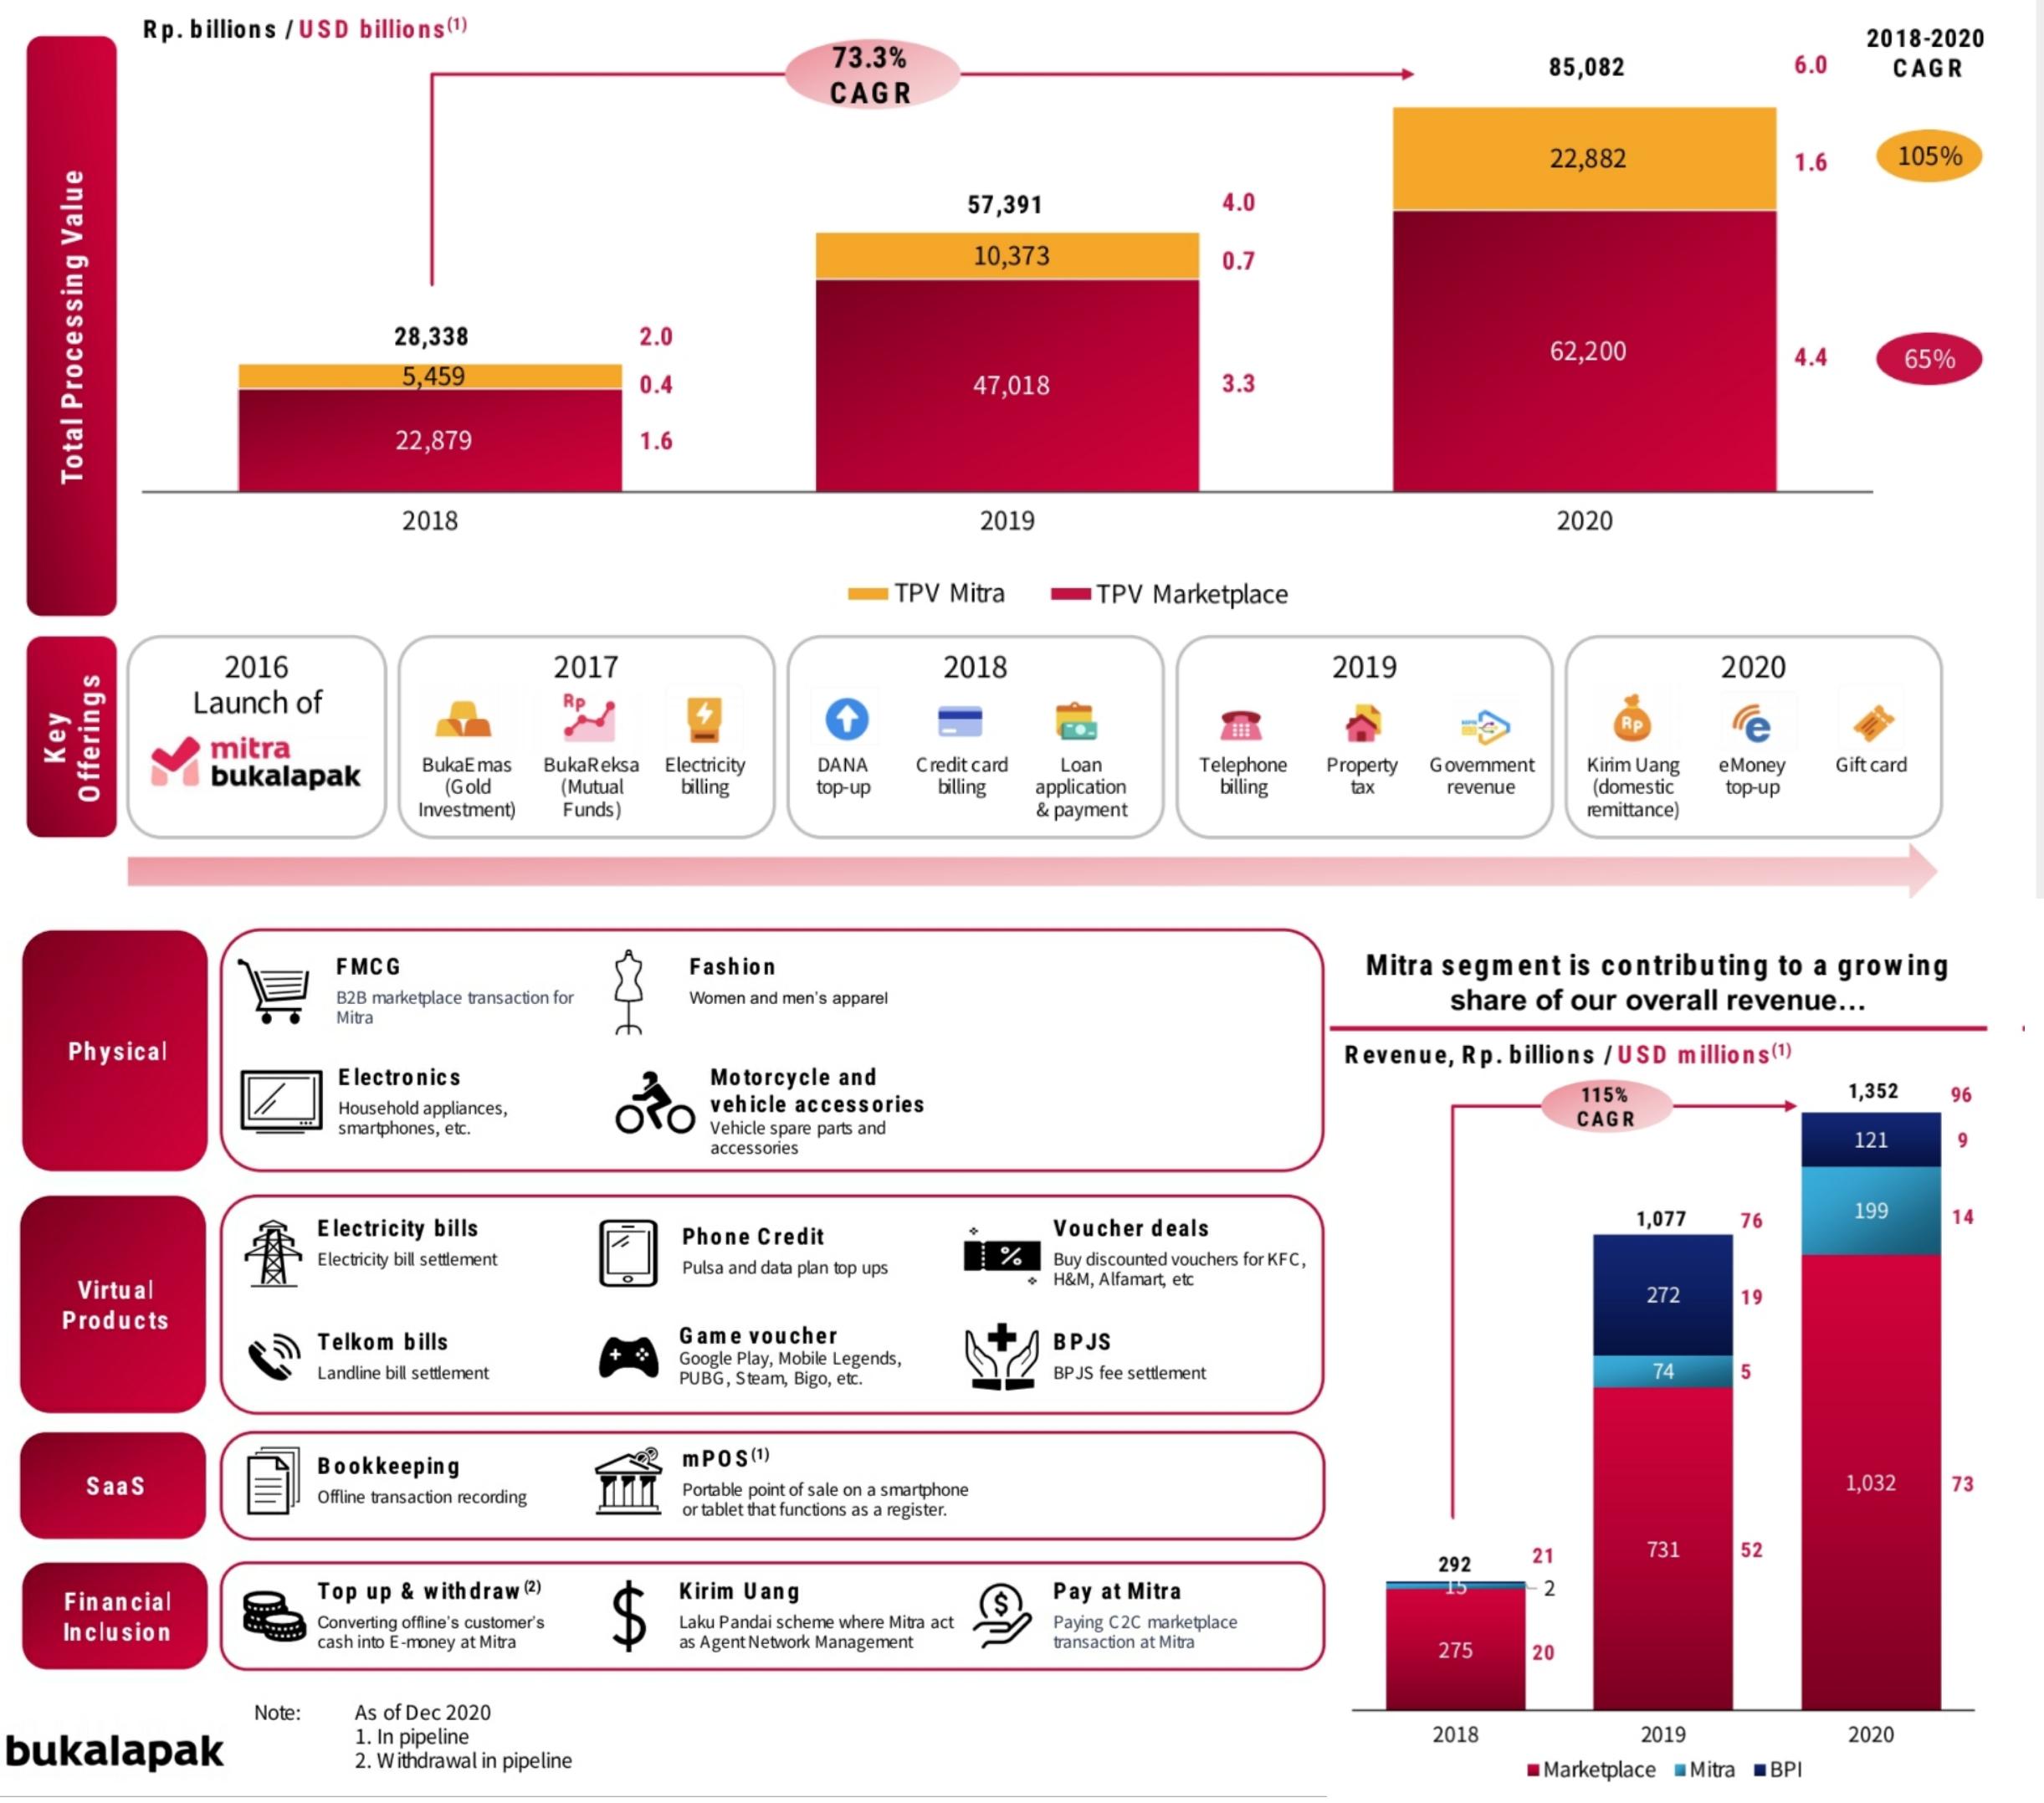 Perbandingan rerata pertumbuhan TPV Mitra dan lini e-commerce Bukalapak per tahun selama 2018 - 2020